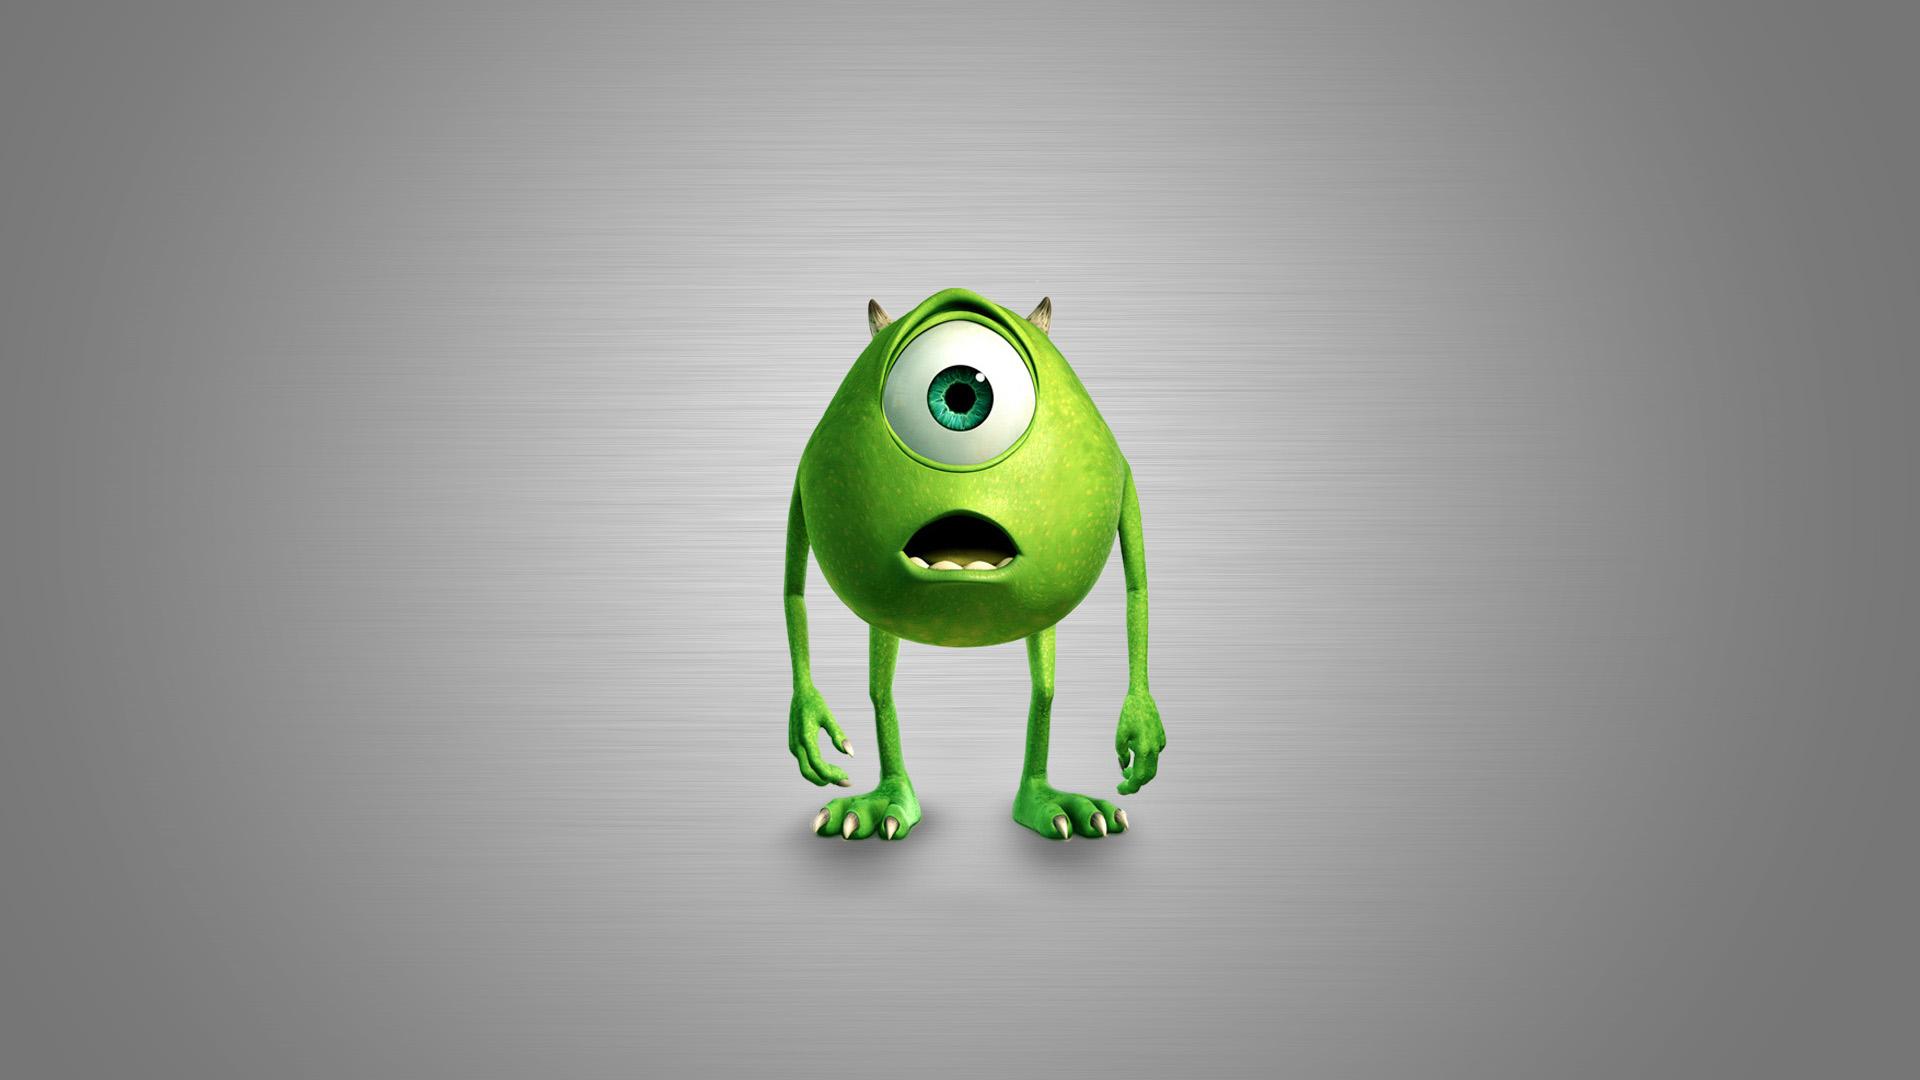 Disney Pixar Wallpaper HD - WallpaperSafari